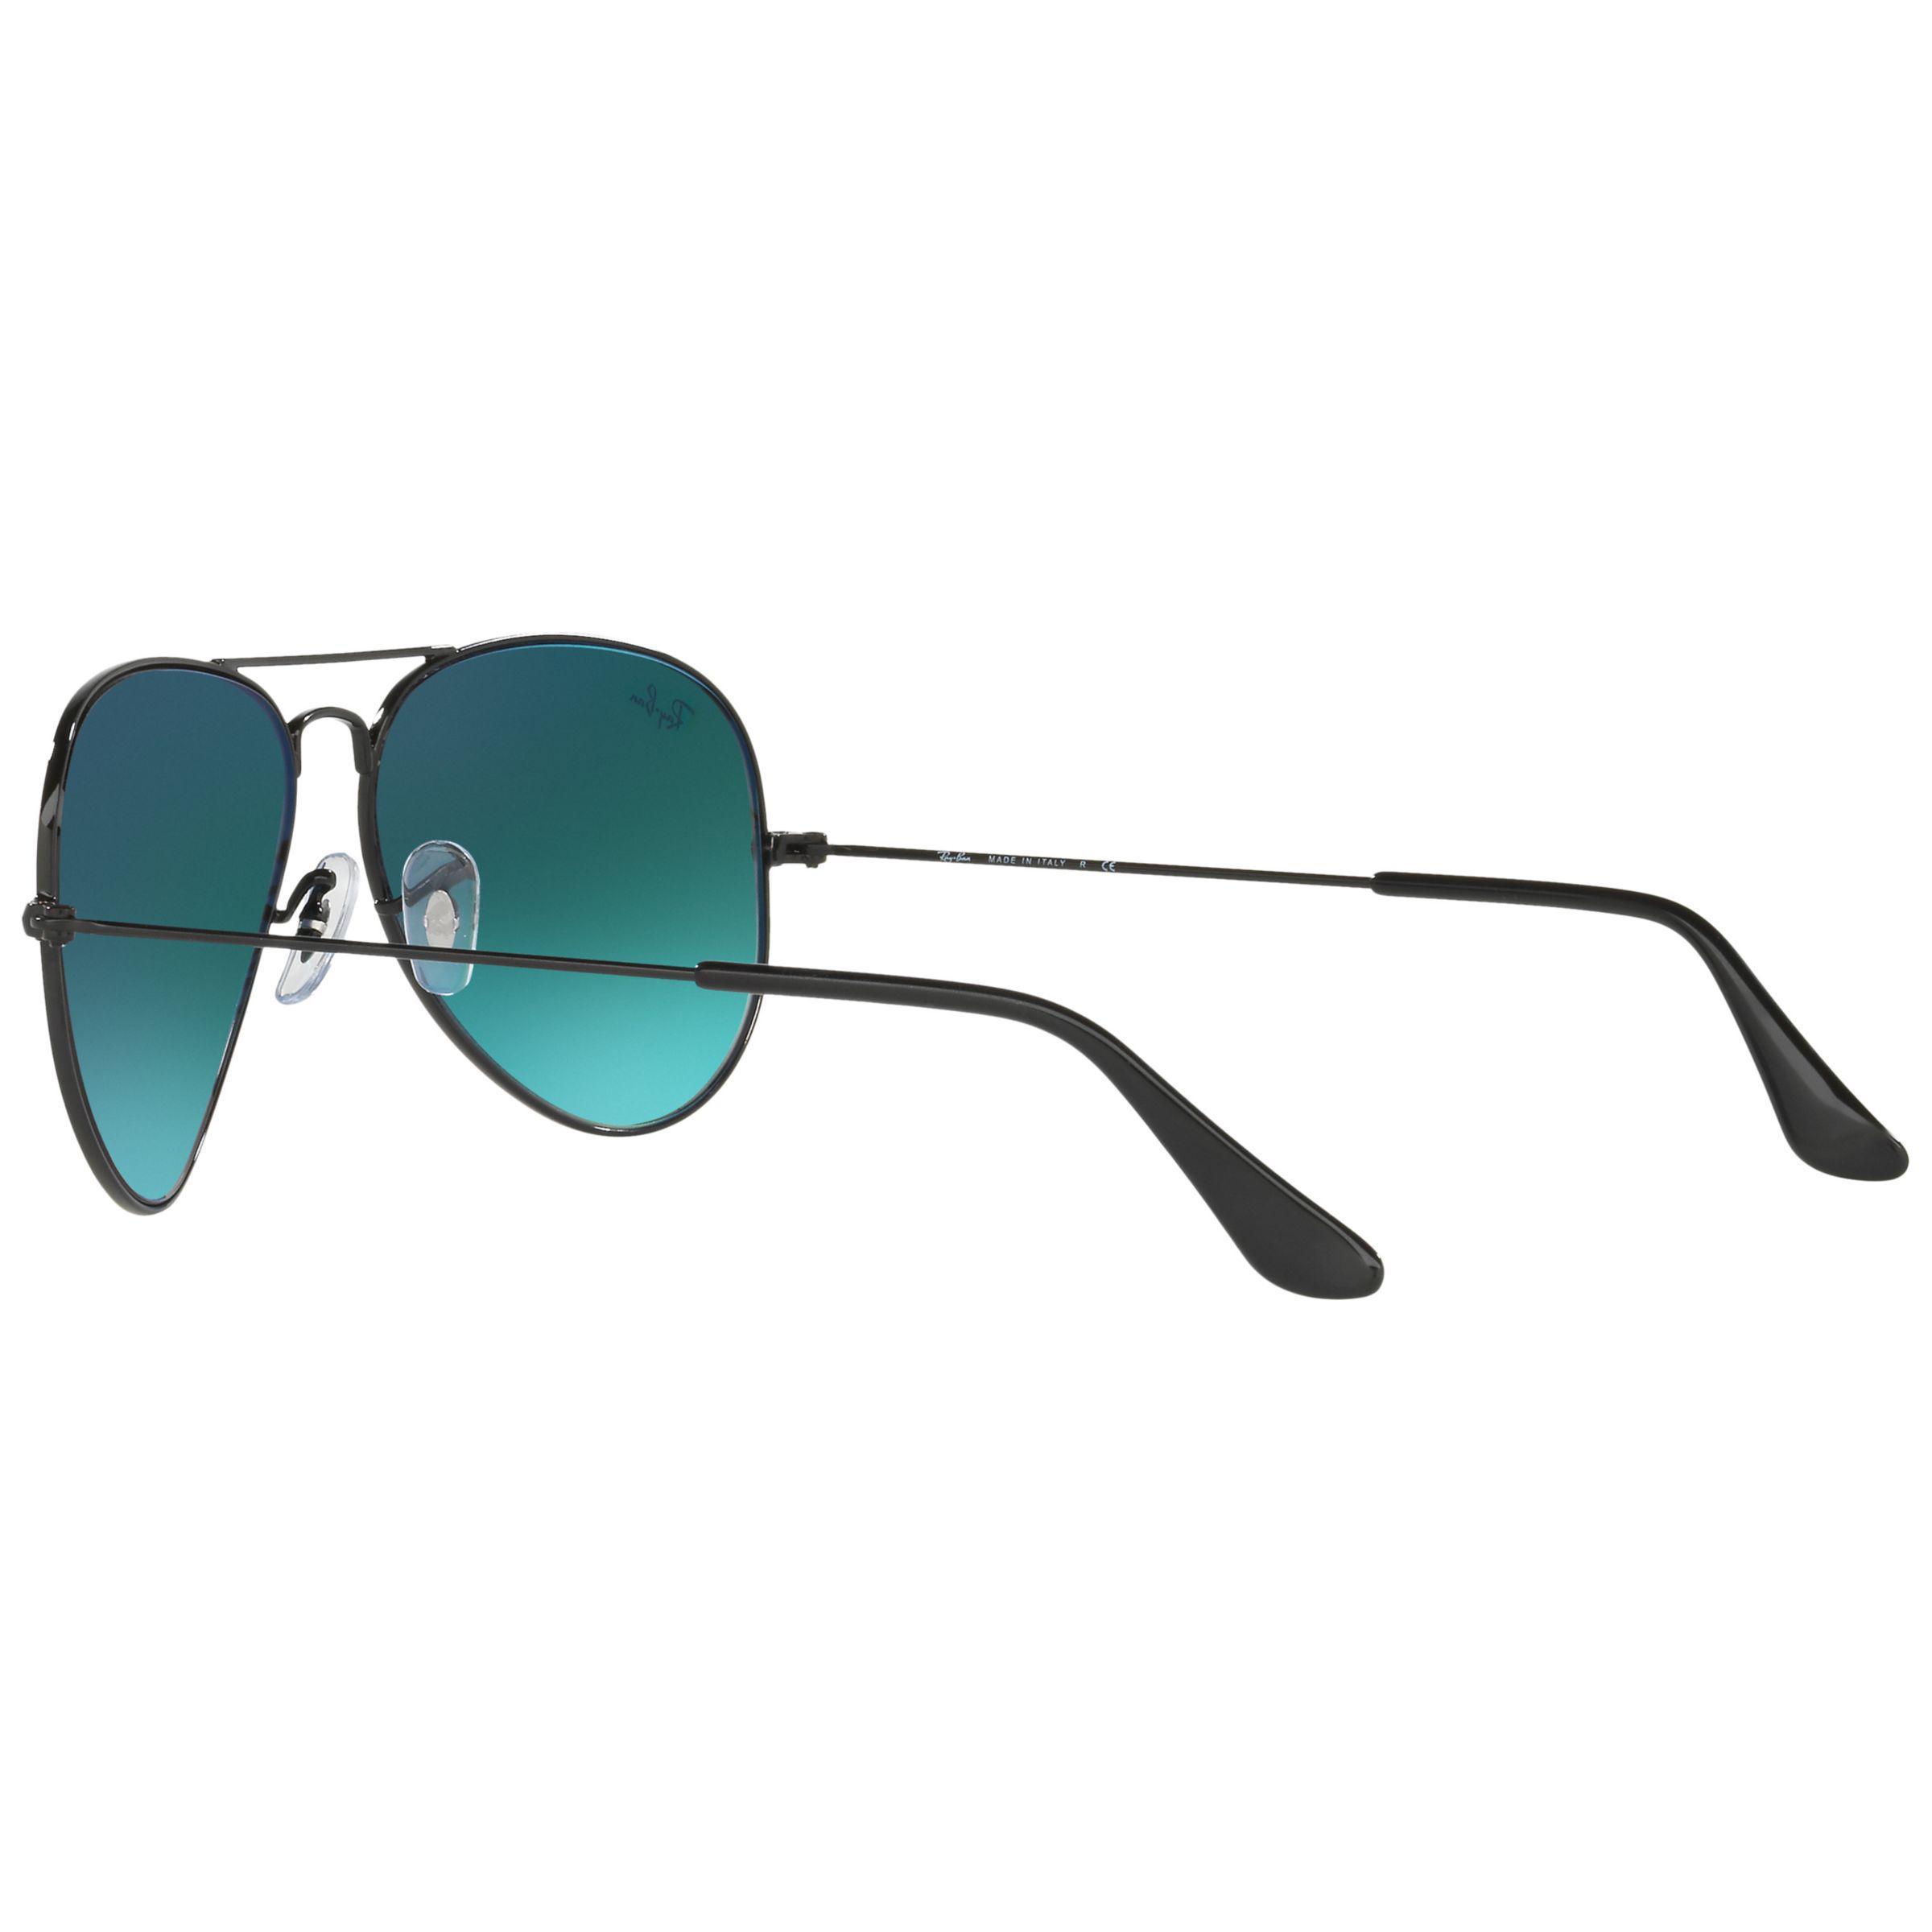 Ray-Ban Rb3025 Aviator Sunglasses in Black/Orange (Blue) for Men